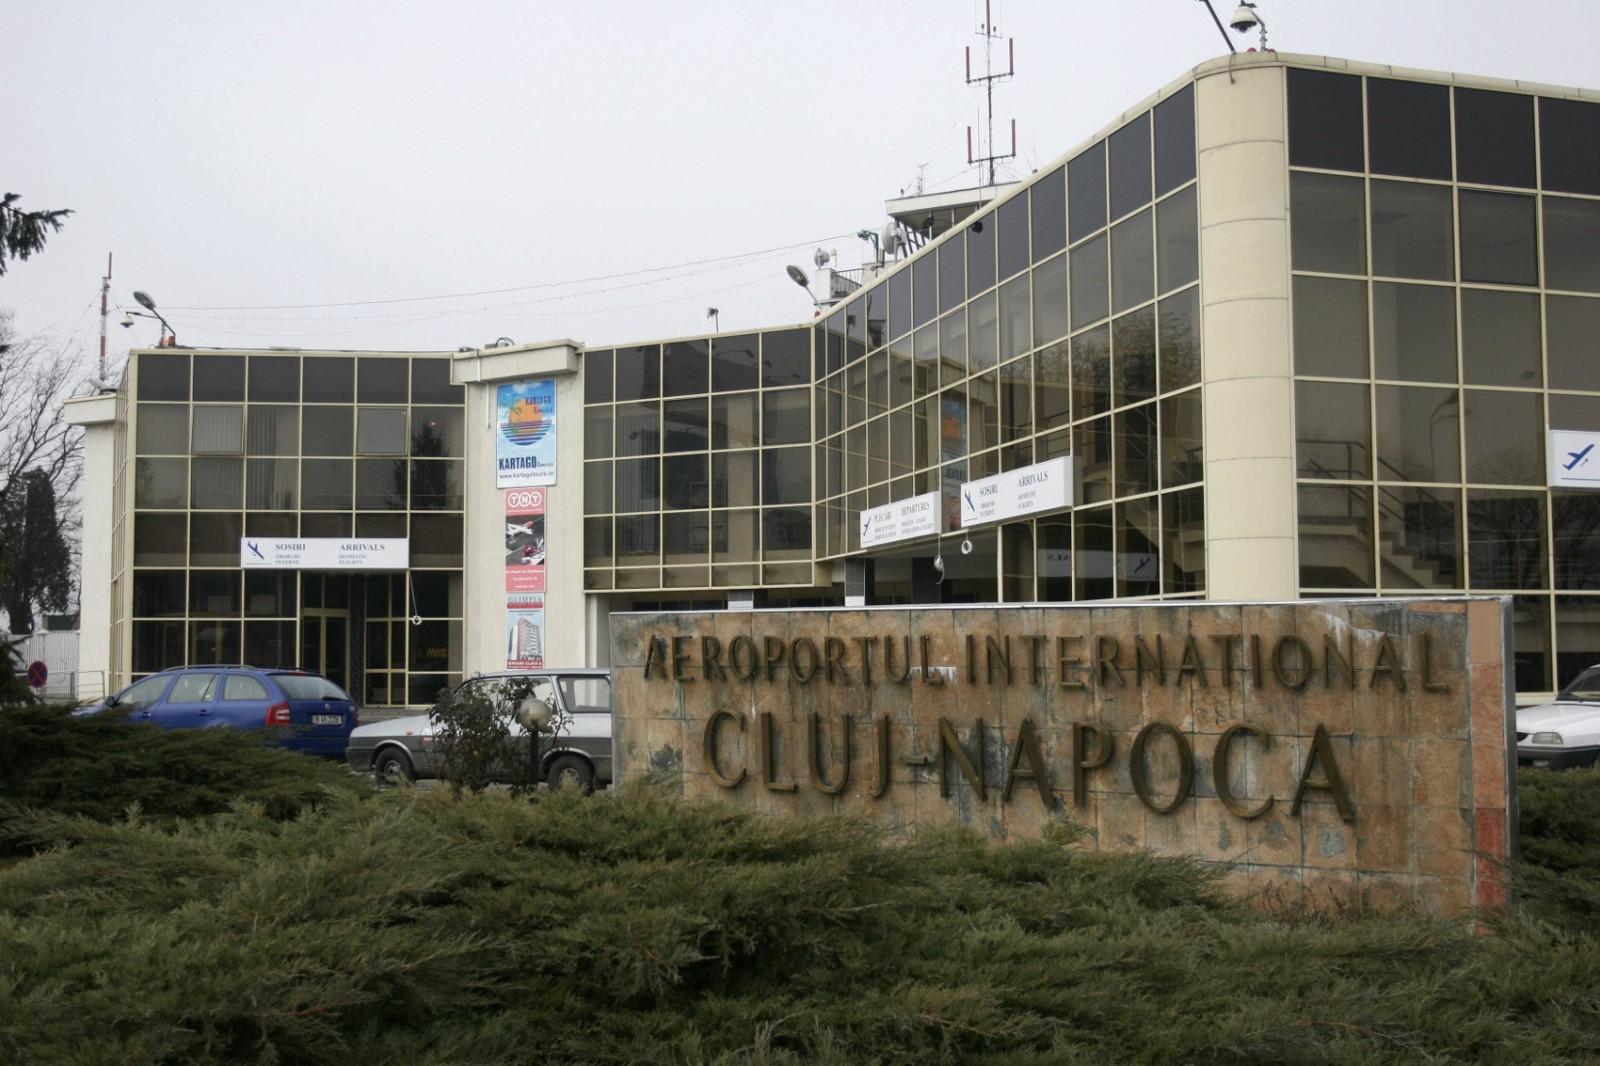 адресс аэропорт яссы румыния